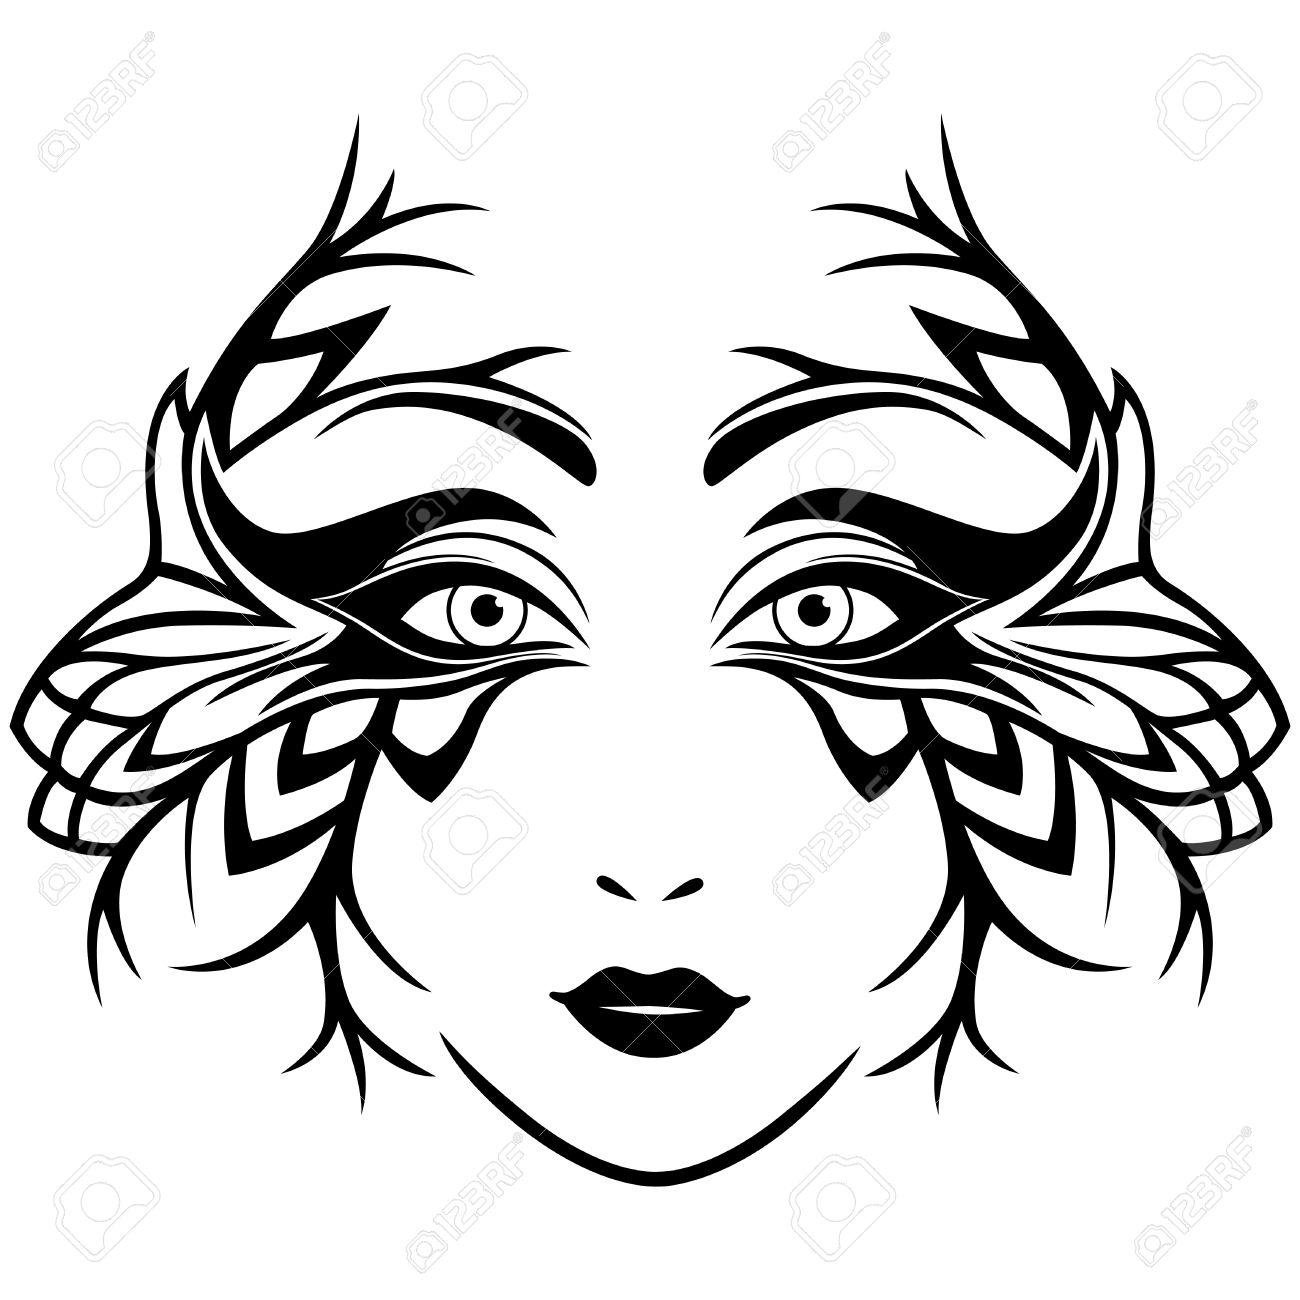 Résumé Visage Féminin En Noir Et Blanc Avec Un Masque Orné Stylisé Illustration Main Dessin